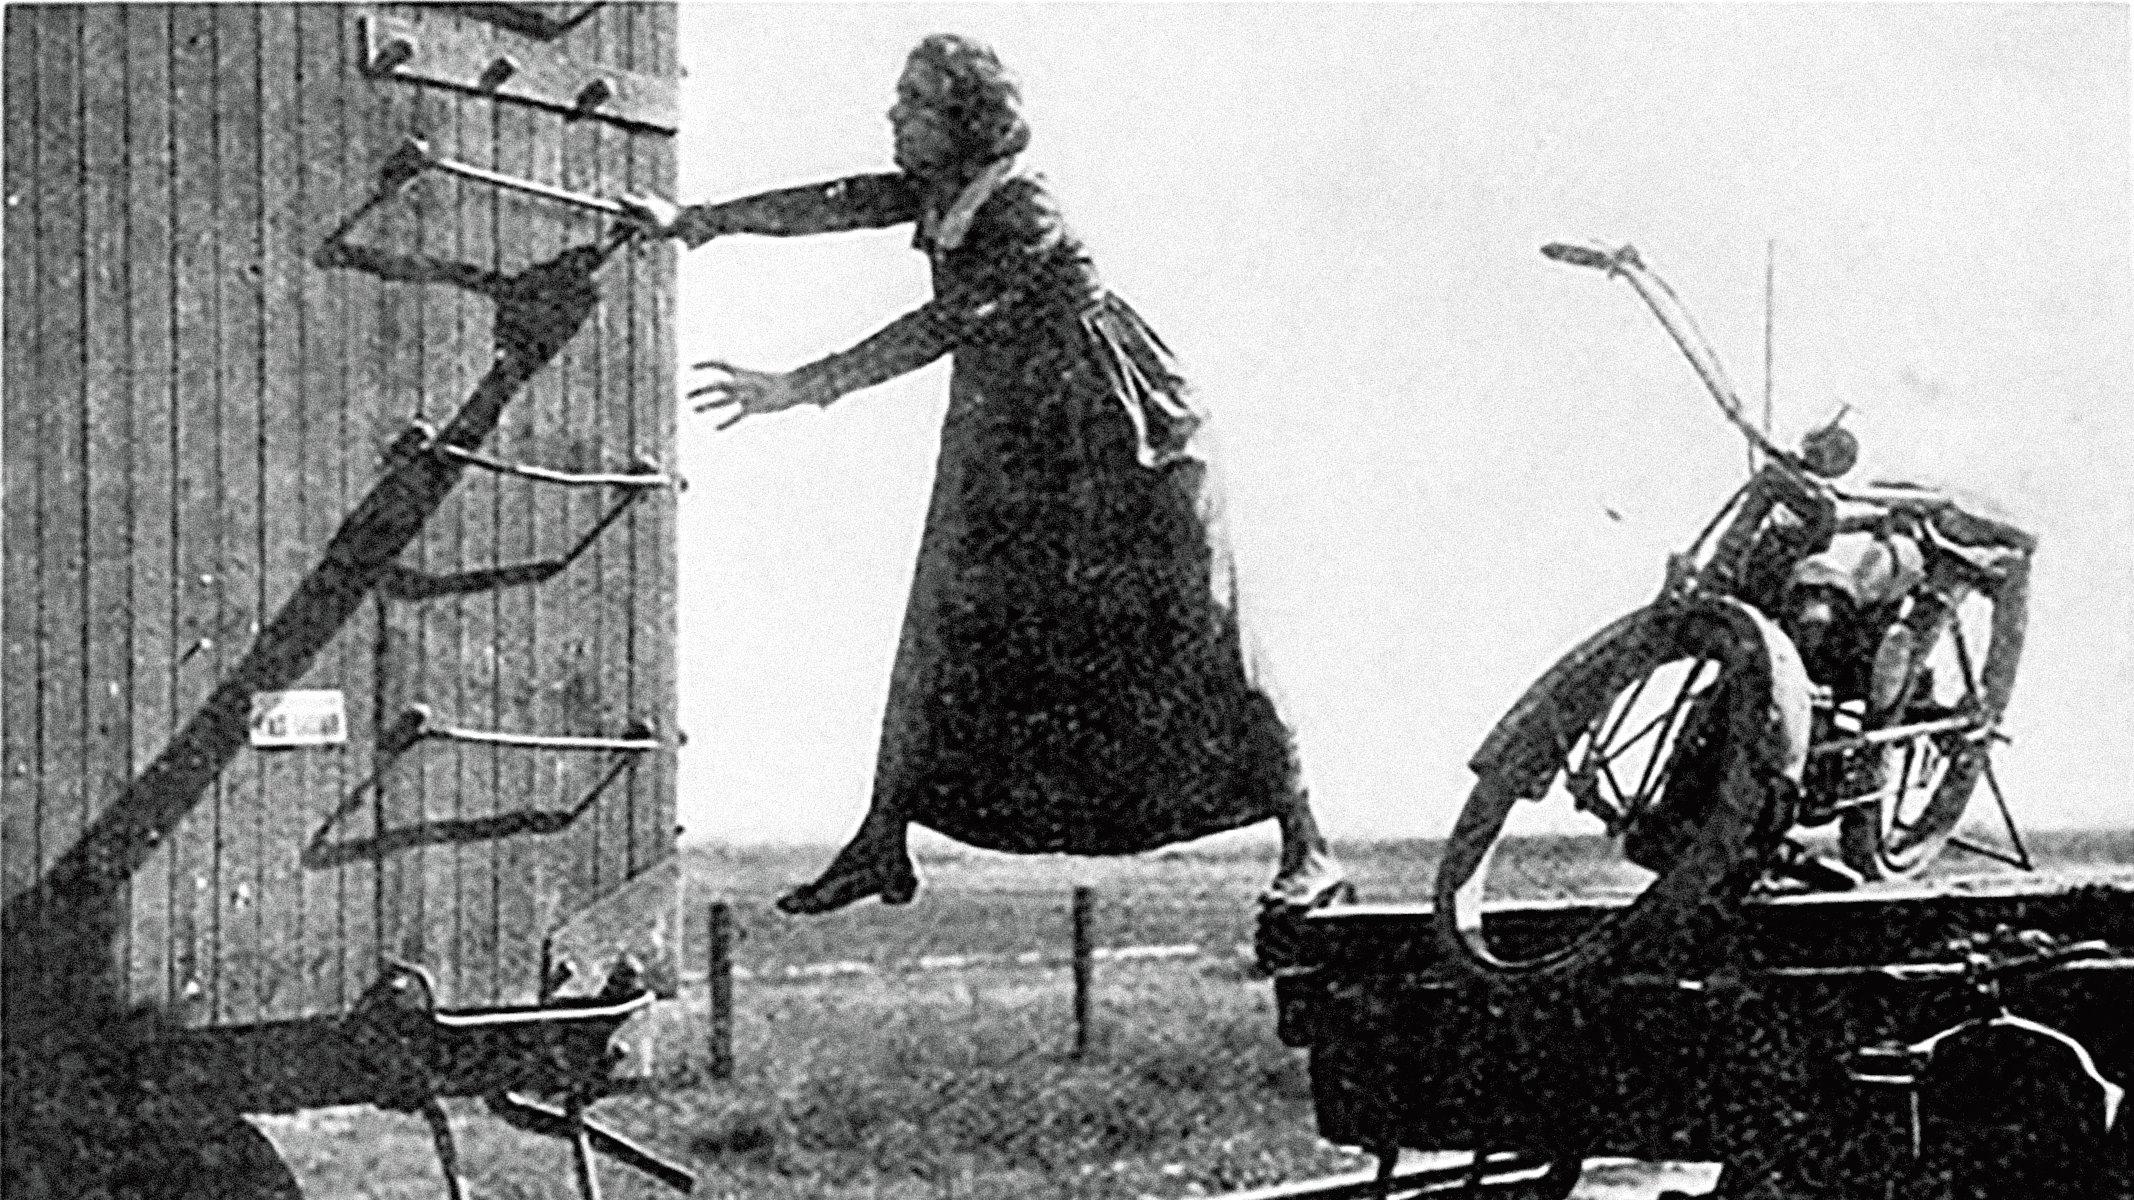 The Hazards of Helen (Η Επικίνδυνη Ζωή της Έλεν), 1915